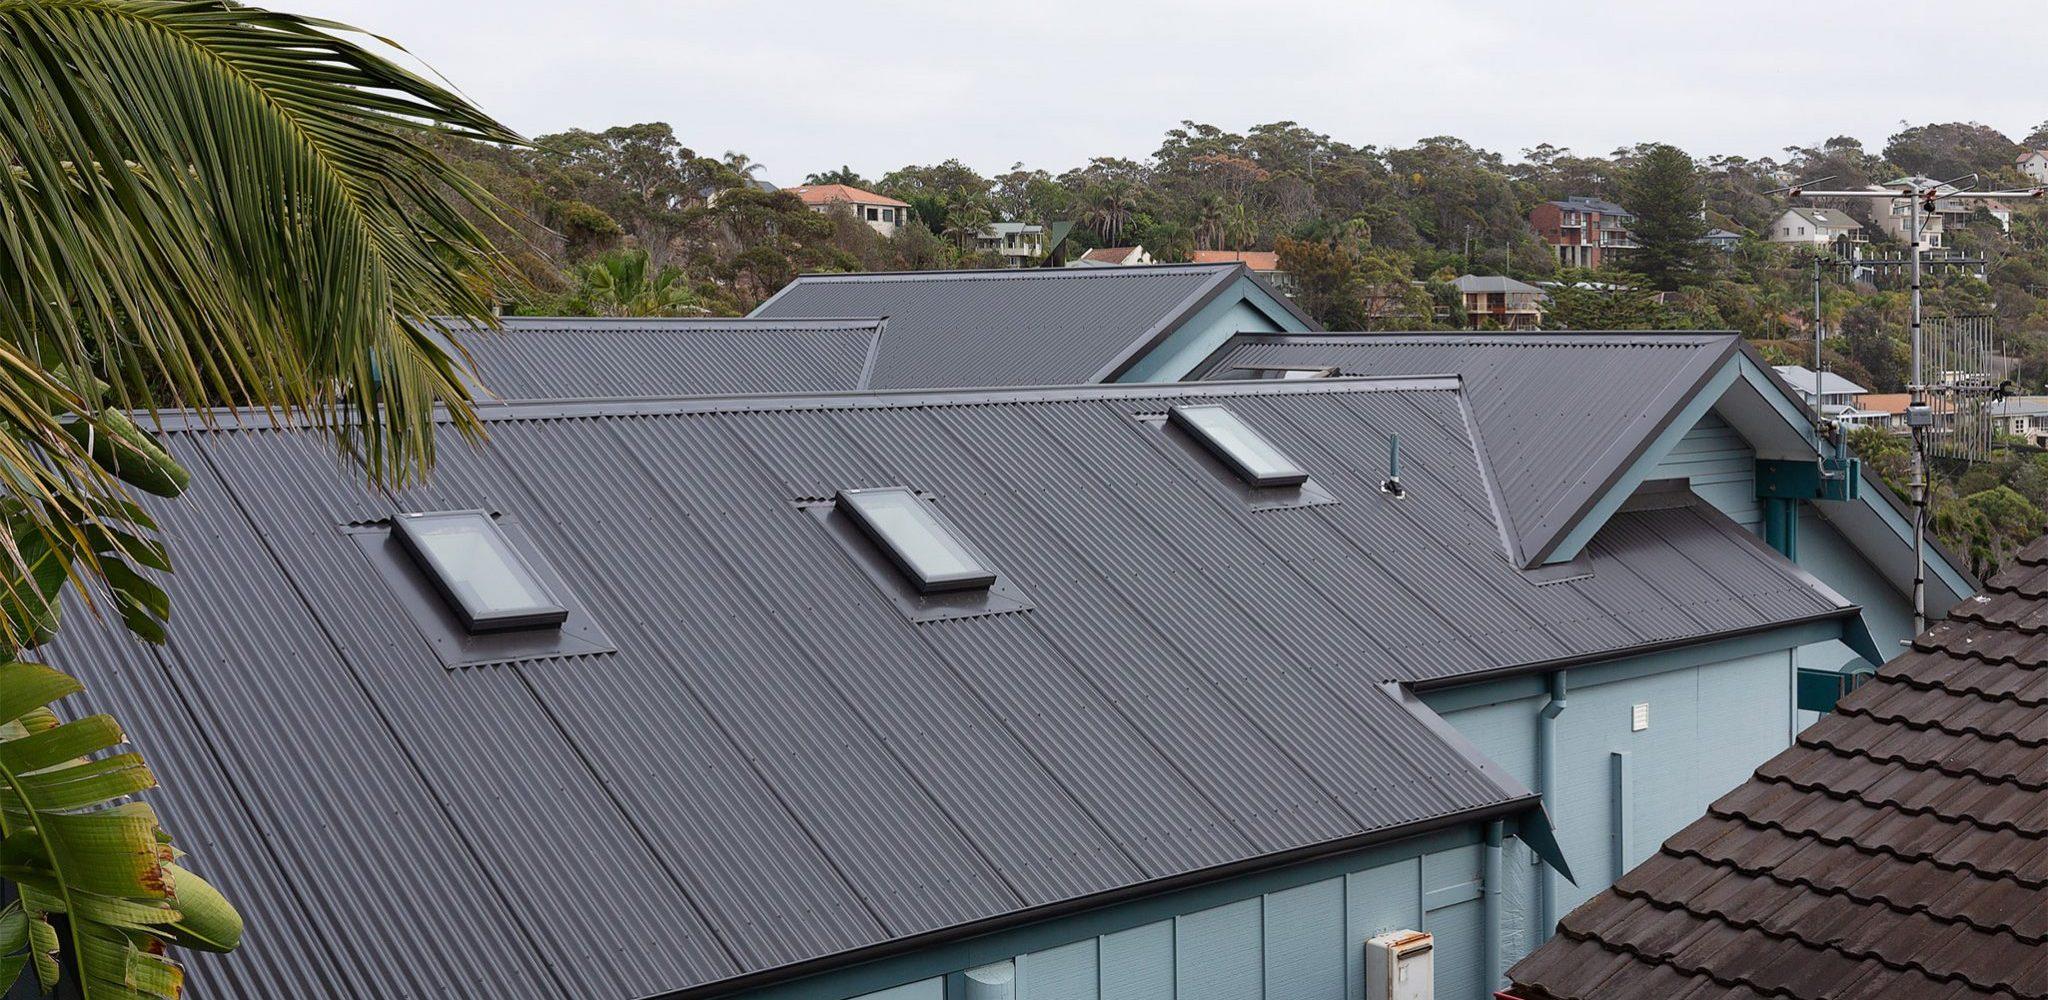 Hookys-Roofing_MetalRoof04